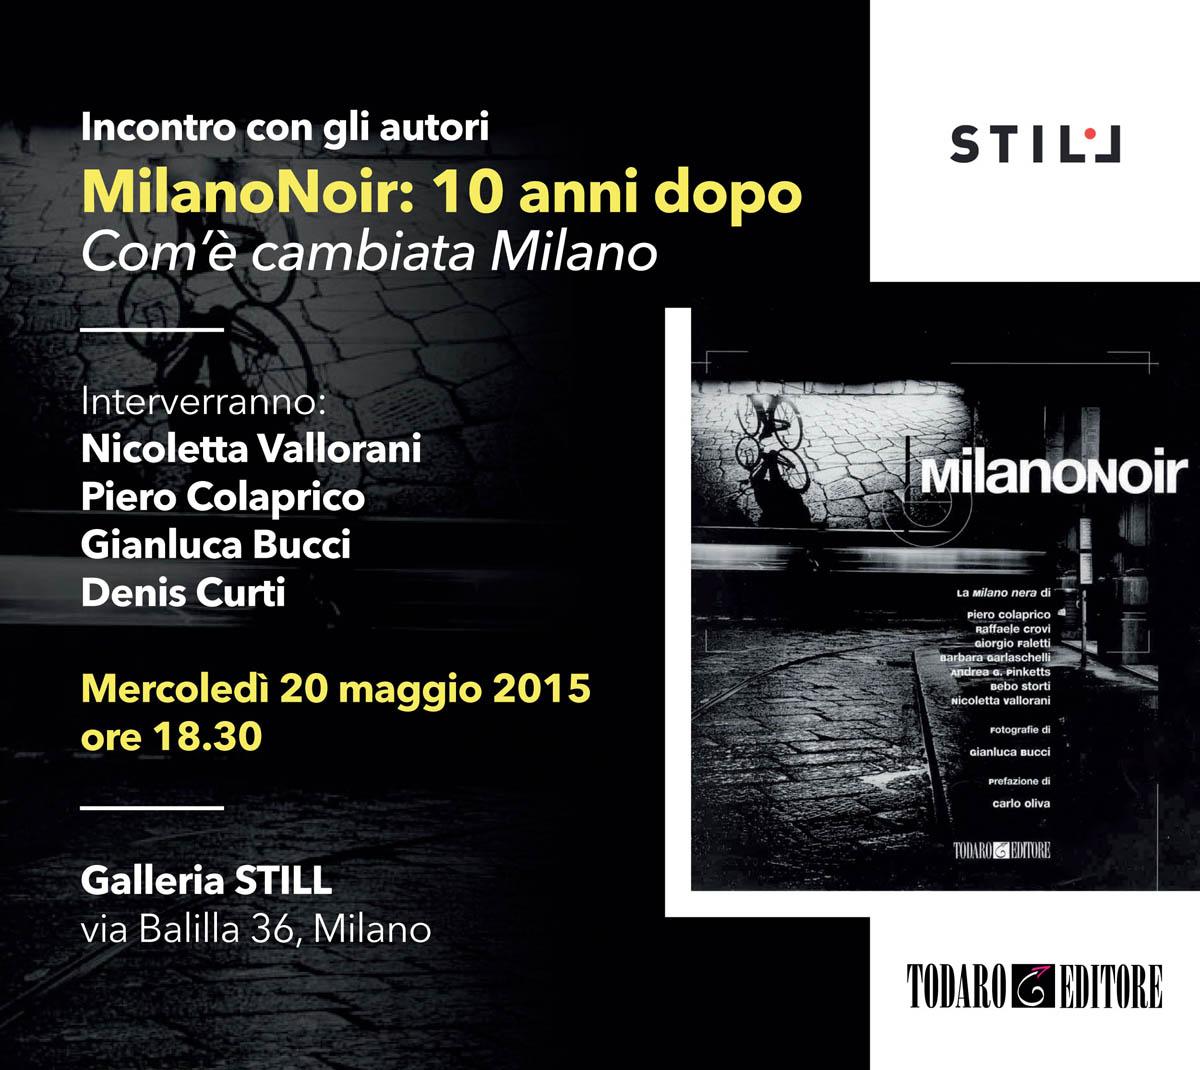 MilanoNoir_invito_incontro autori.indd